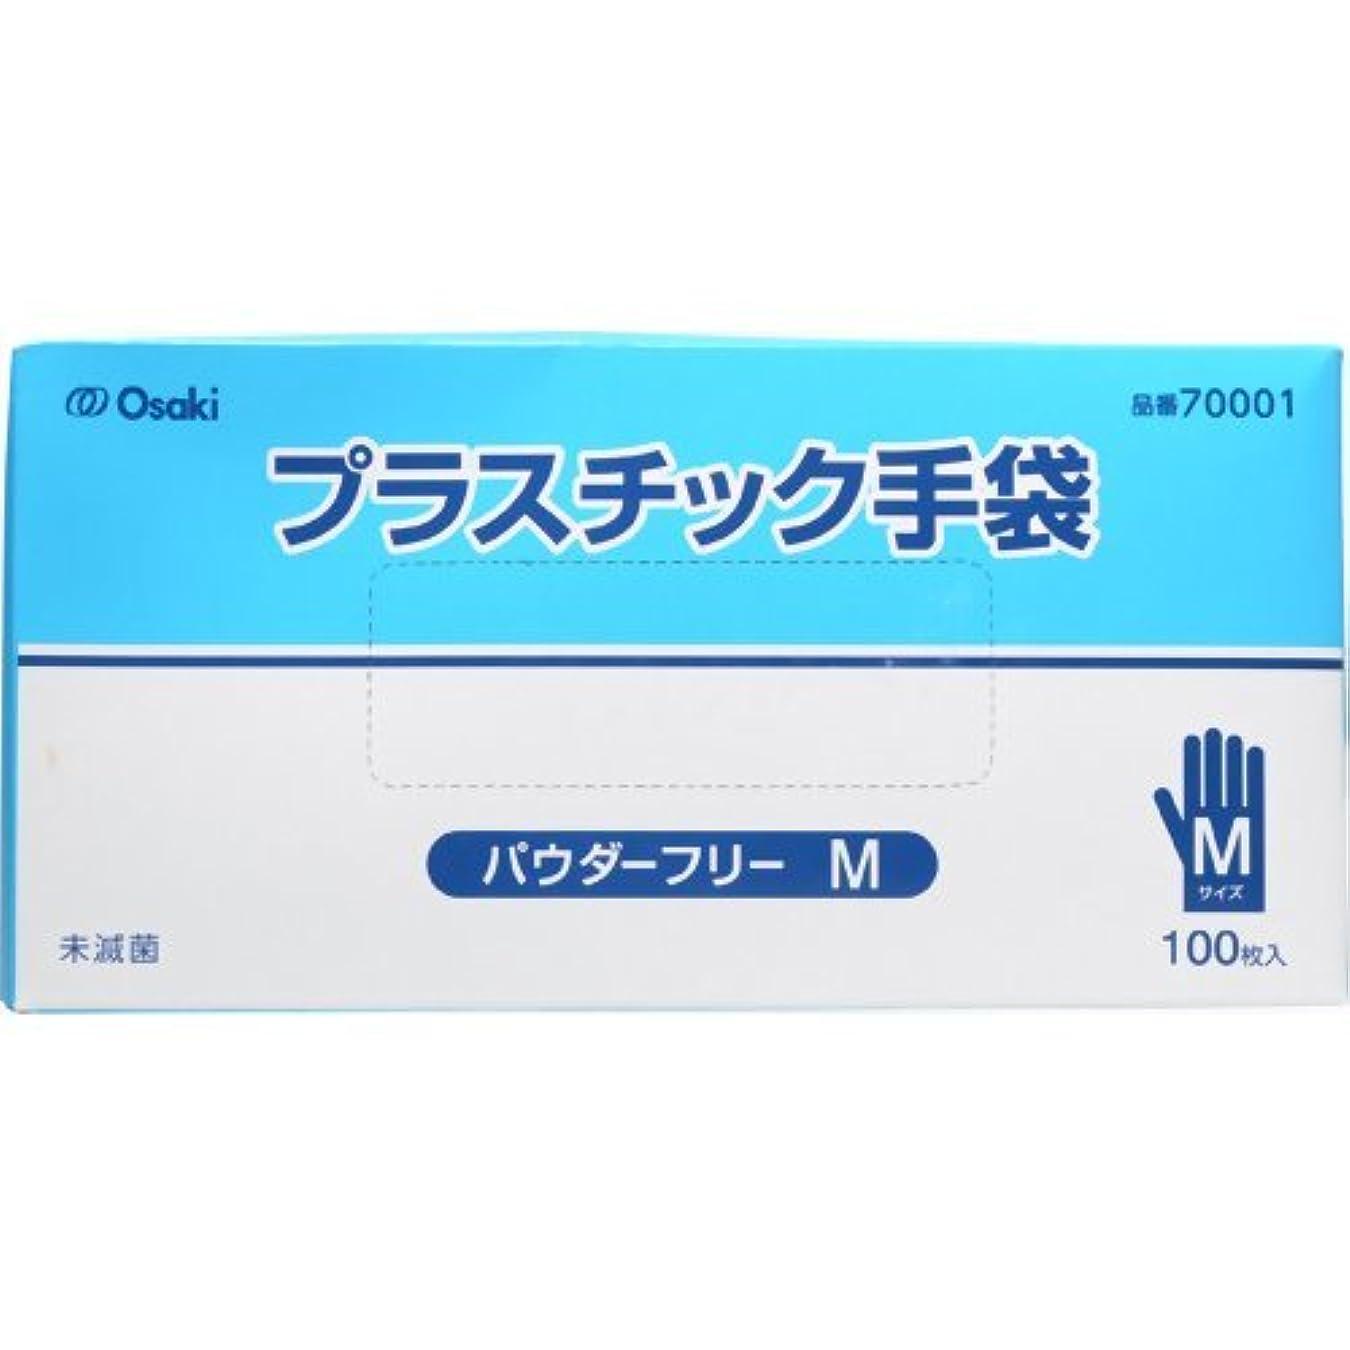 ケント狭い準備するオオサキメディカル プラスチック手袋 PF Mサイズ 100枚入